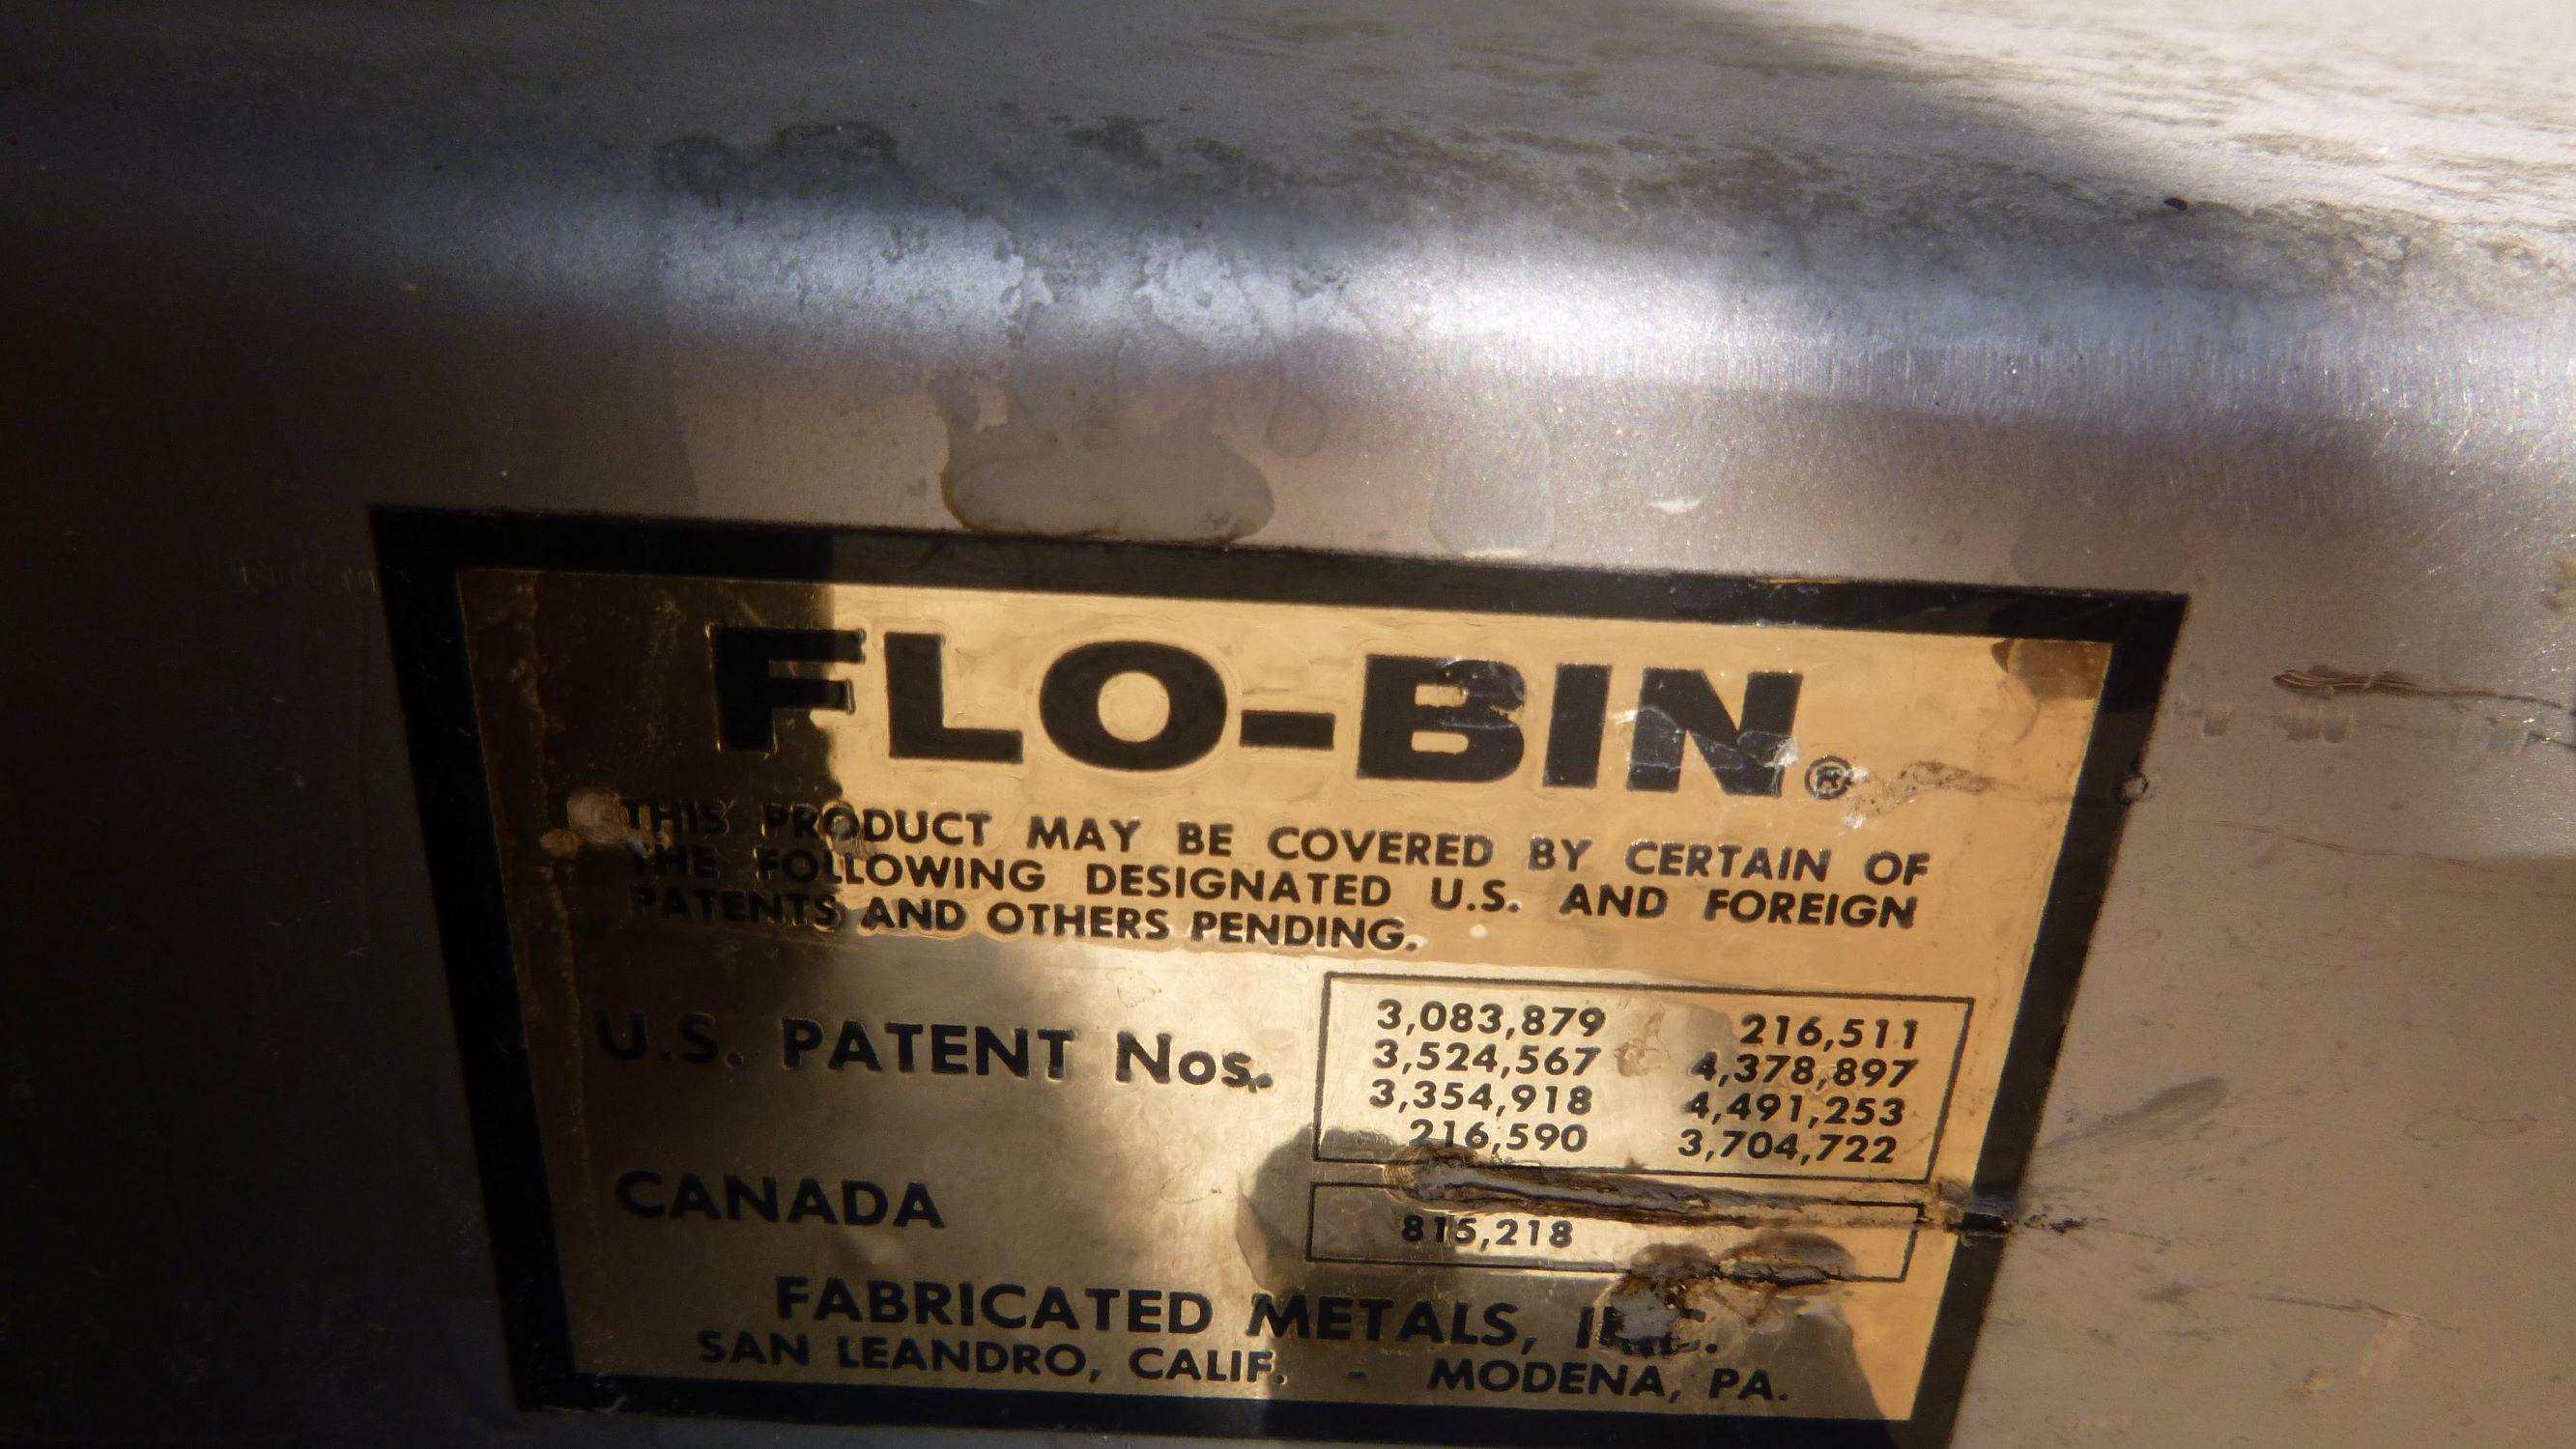 Image 25 Cu. Ft. FLO-BIN Tote Bin - Stainless Steel 1587192